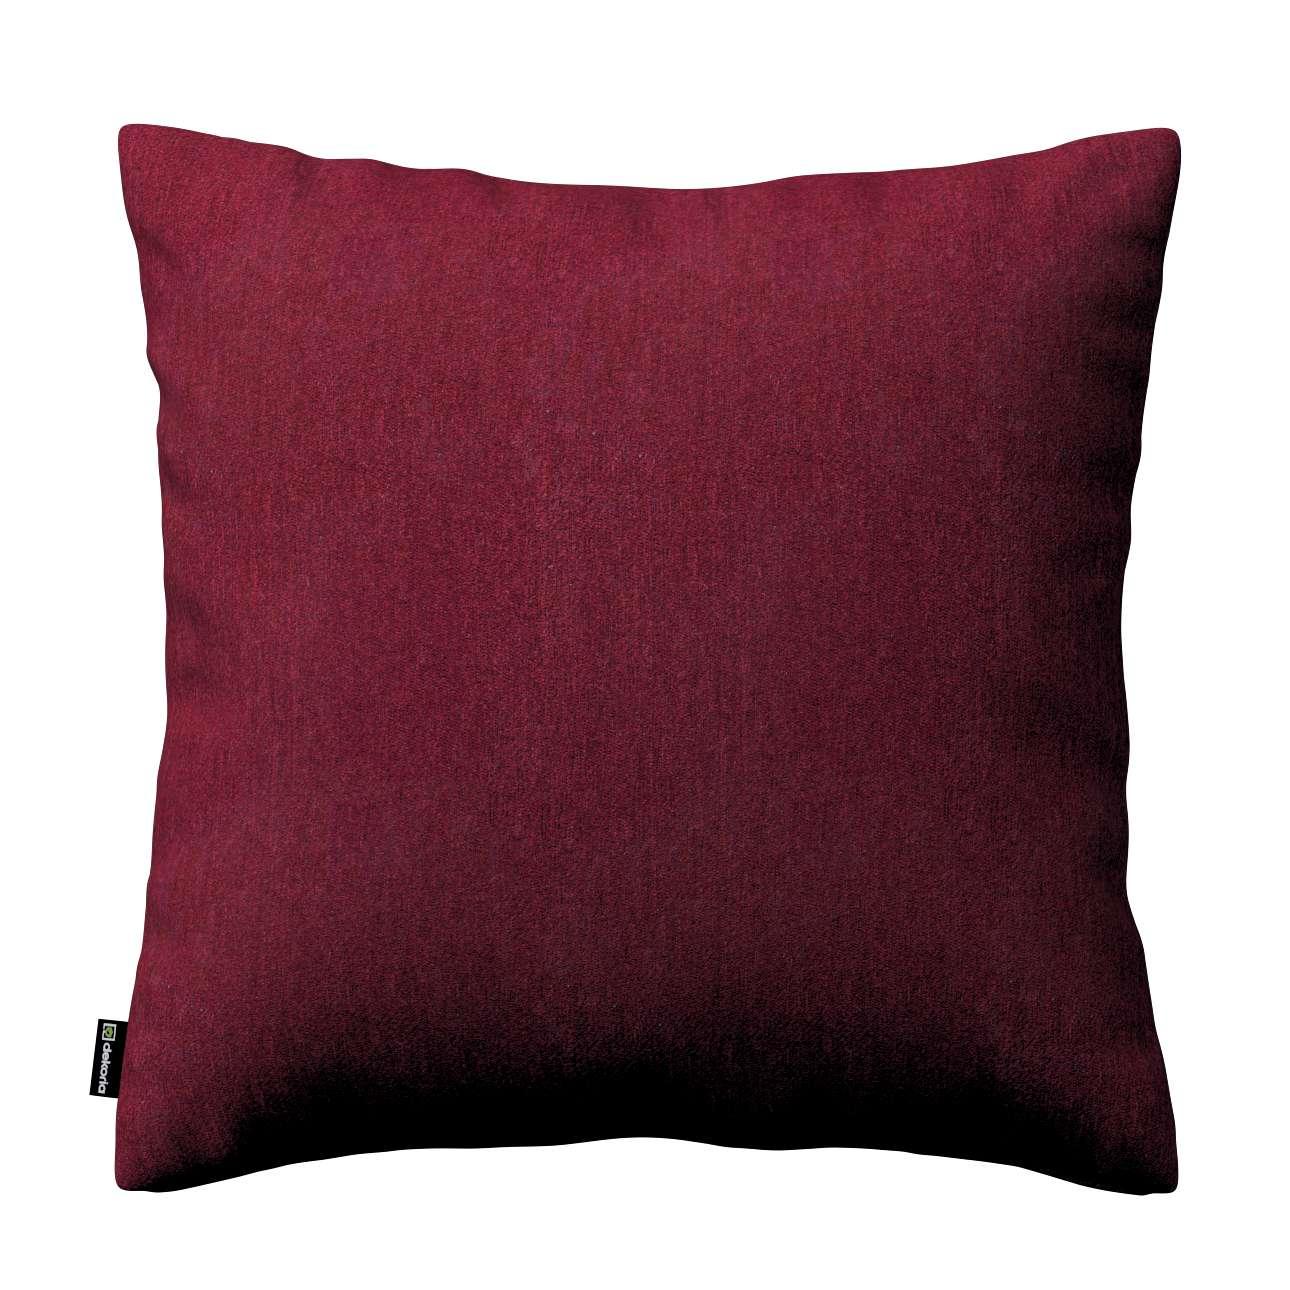 Kinga dekoratyvinės pagalvėlės užvalkalas 43 x 43 cm kolekcijoje Chenille, audinys: 702-19